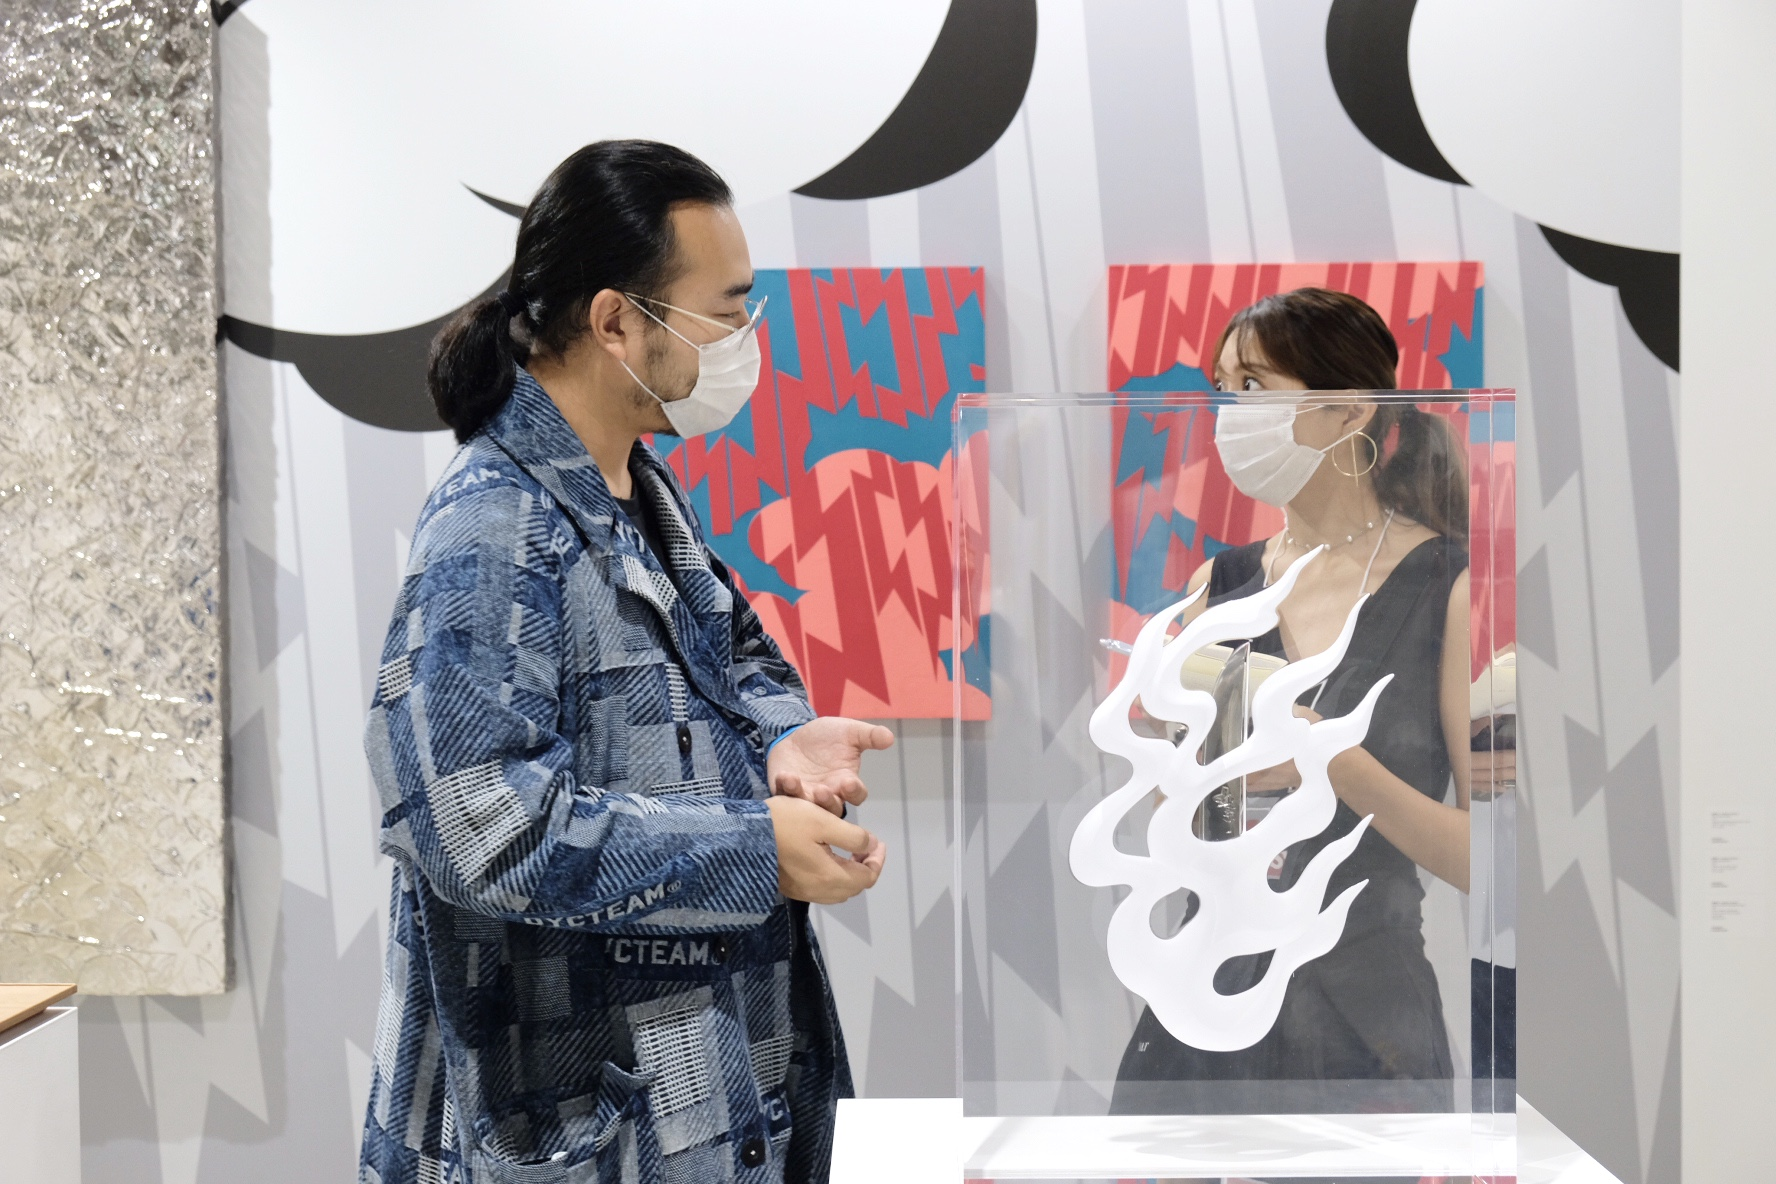 天王洲の新アートフェア「artTNZ」photo report